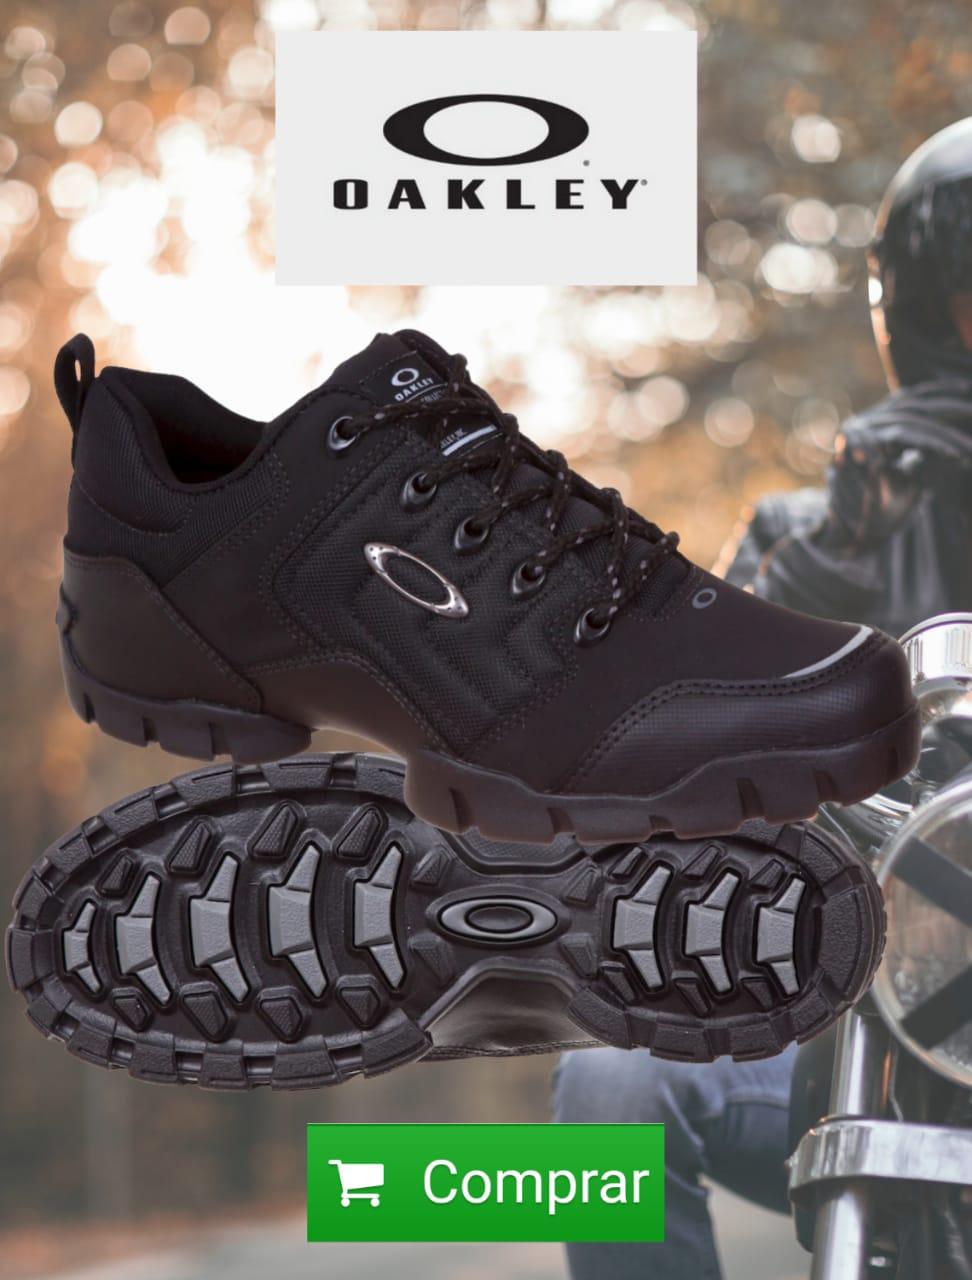 Oakley Marca 1500